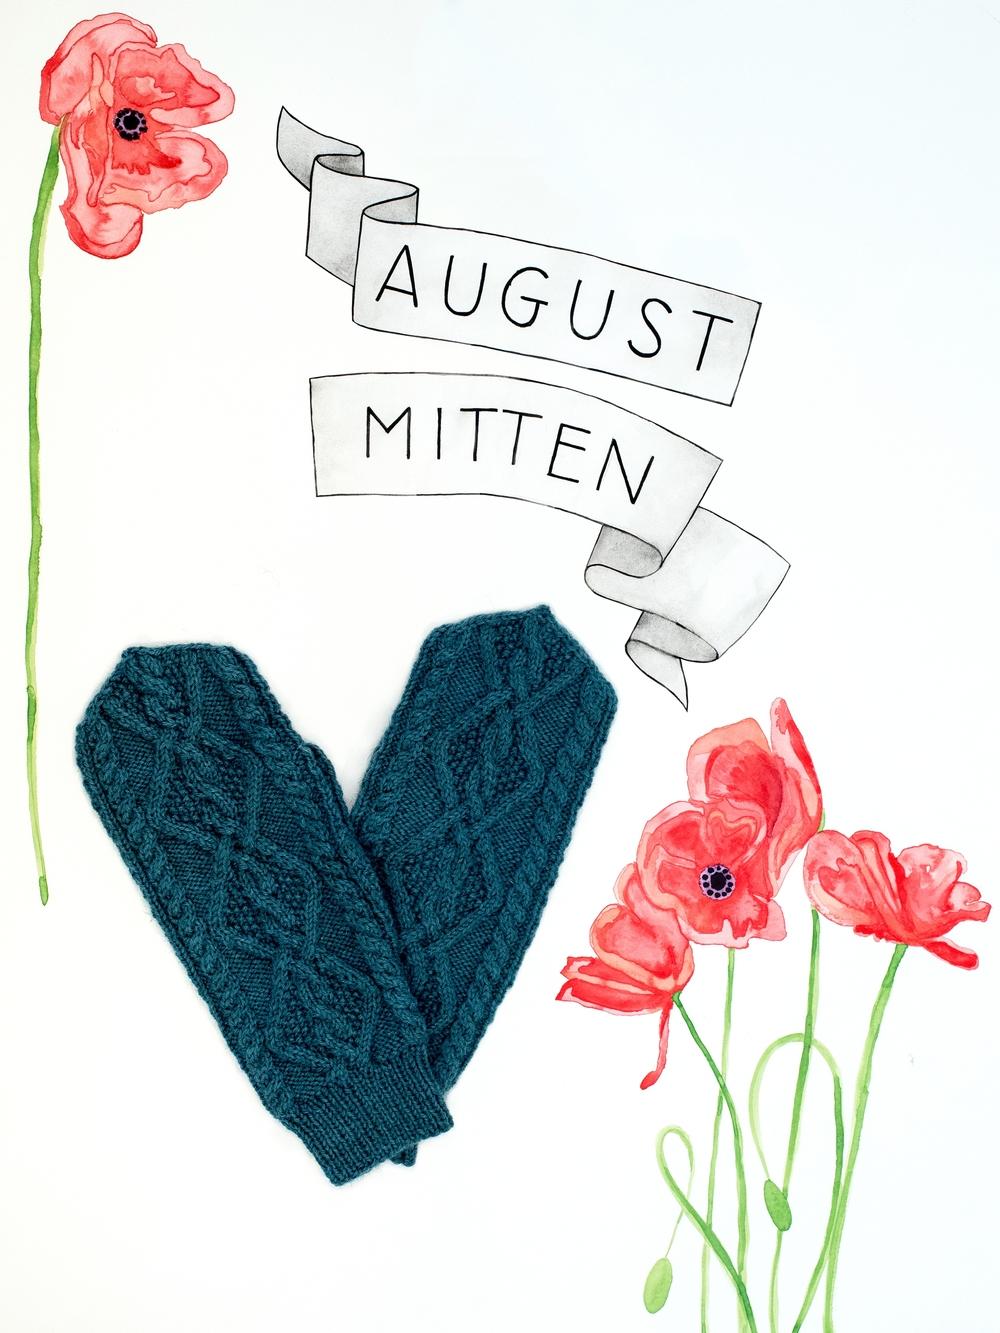 KW_YOM_august_mittens-2.jpg